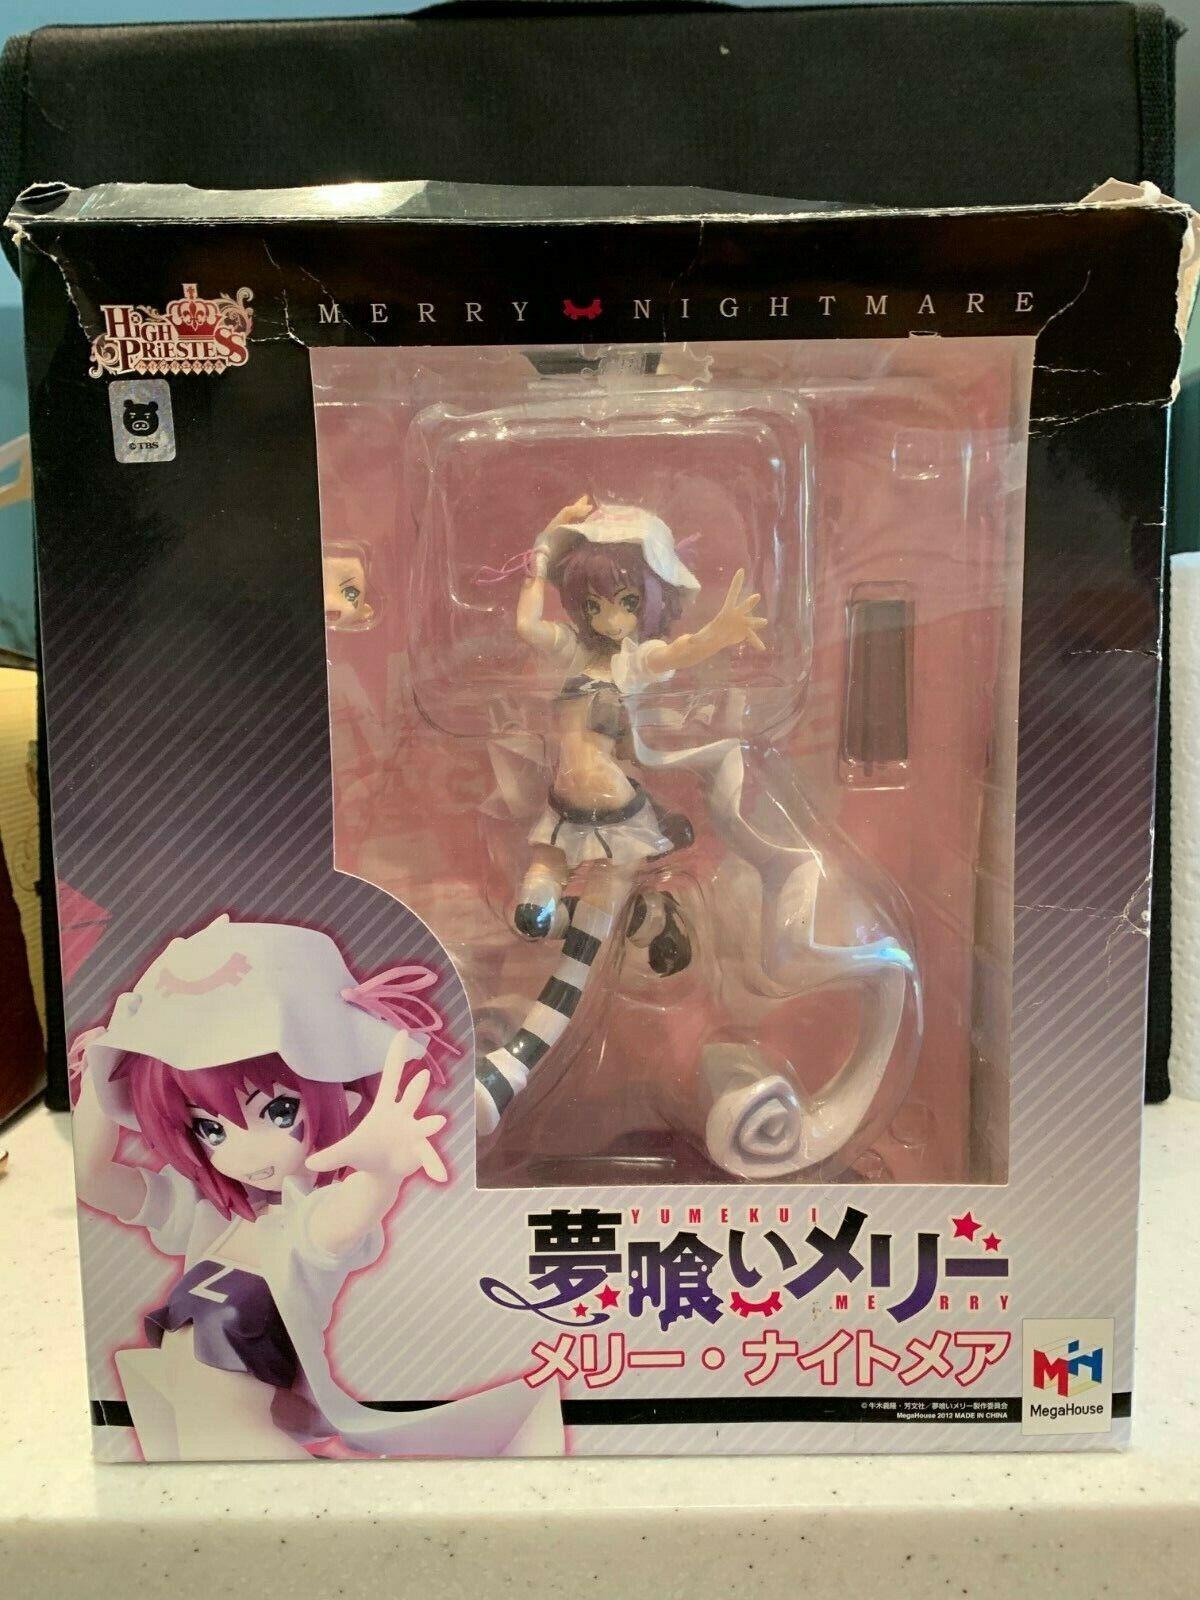 MegaHouse Yumekui Merry MERRY NIGHTMARE High Priestess 1 8 Statue Figure Anime